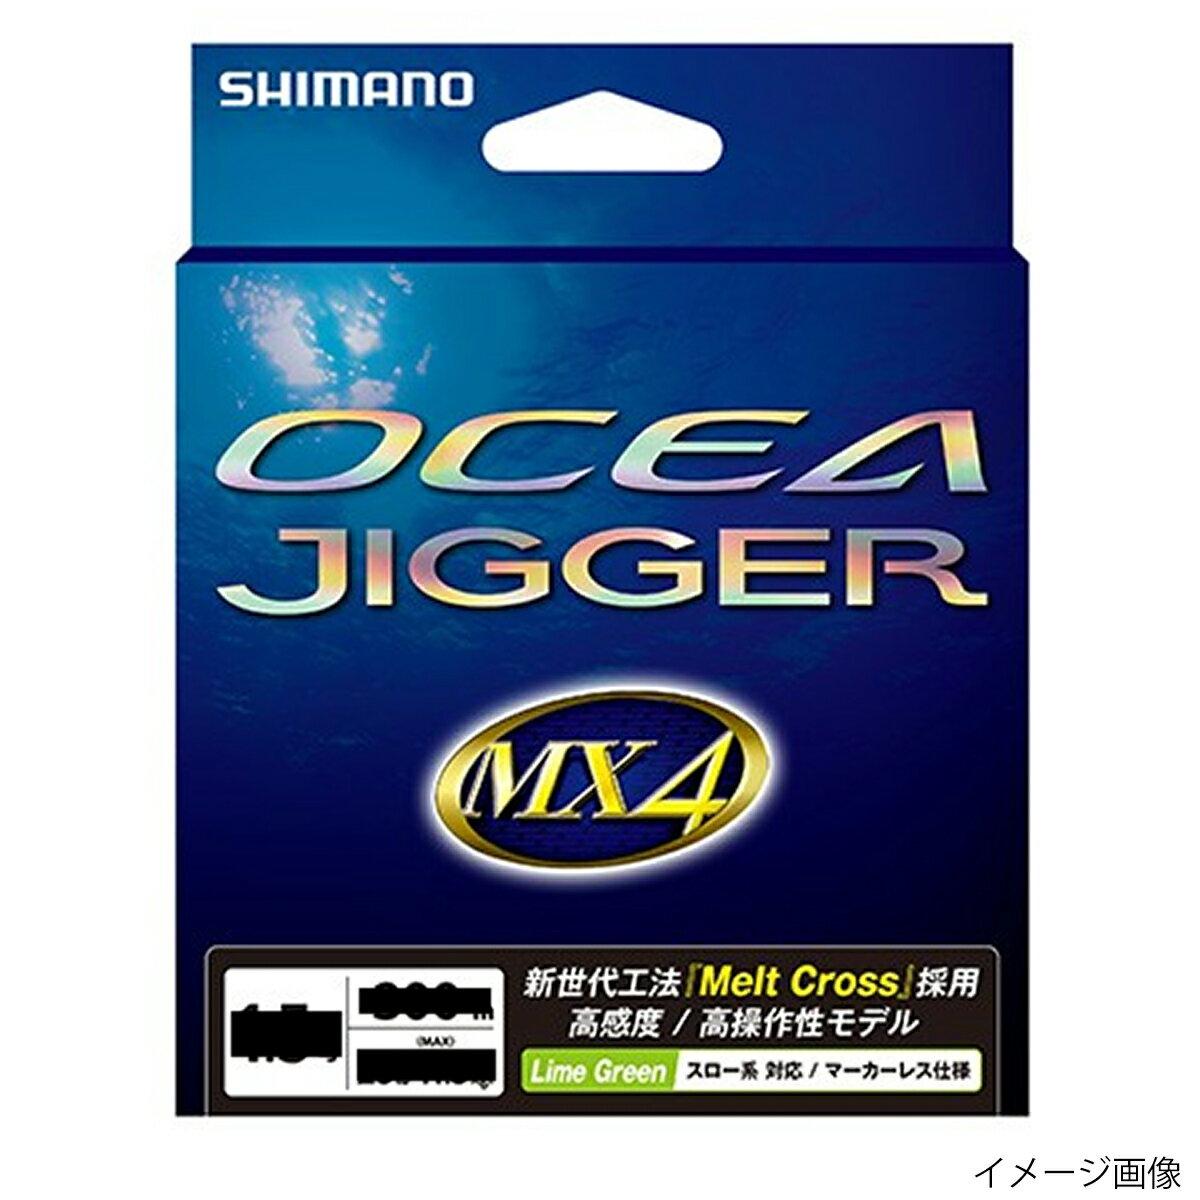 【5月25日は楽天カードがお得!エントリーで最大35倍!】シマノ オシアジガー MX4 PE PL-O94P 600m 2.0号 ライムグリーン【ゆうパケット】